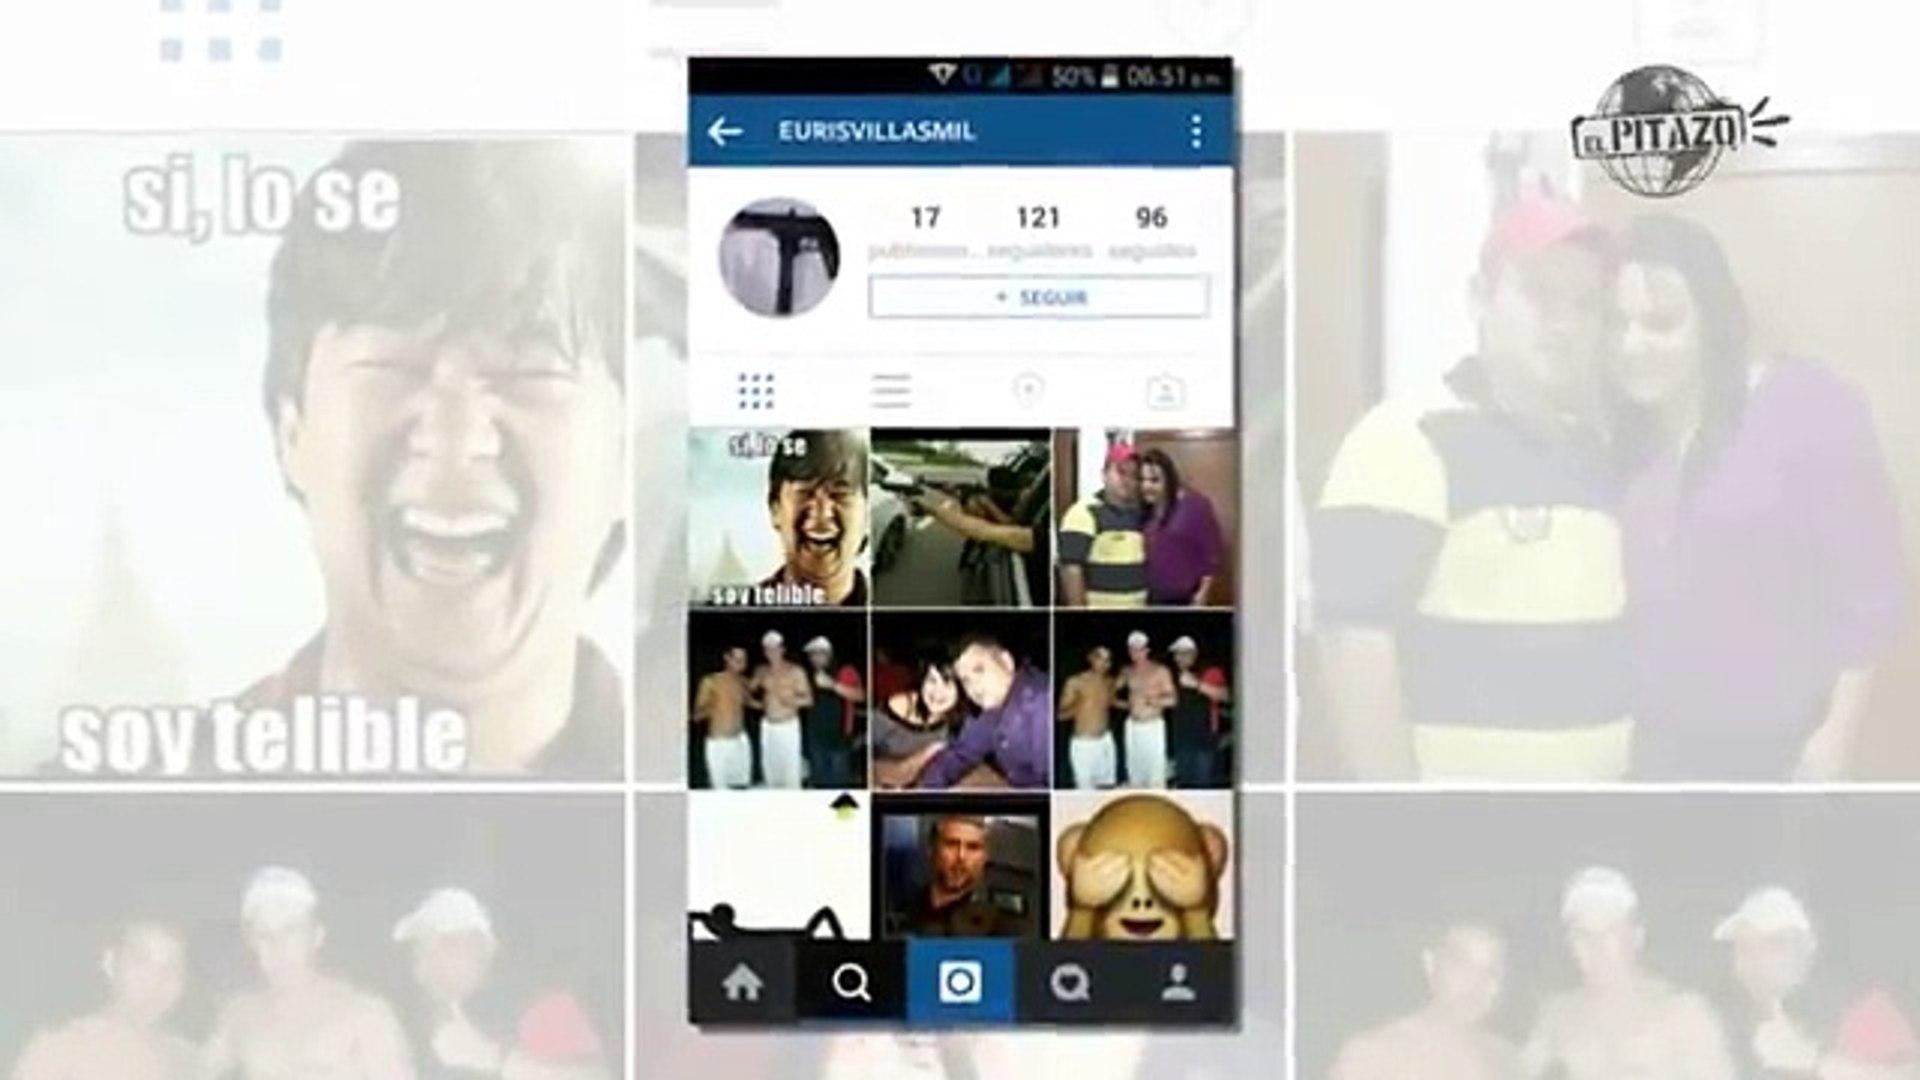 Bandas delictivas en el Zulia usan Instagram para amenazar a otras bandas